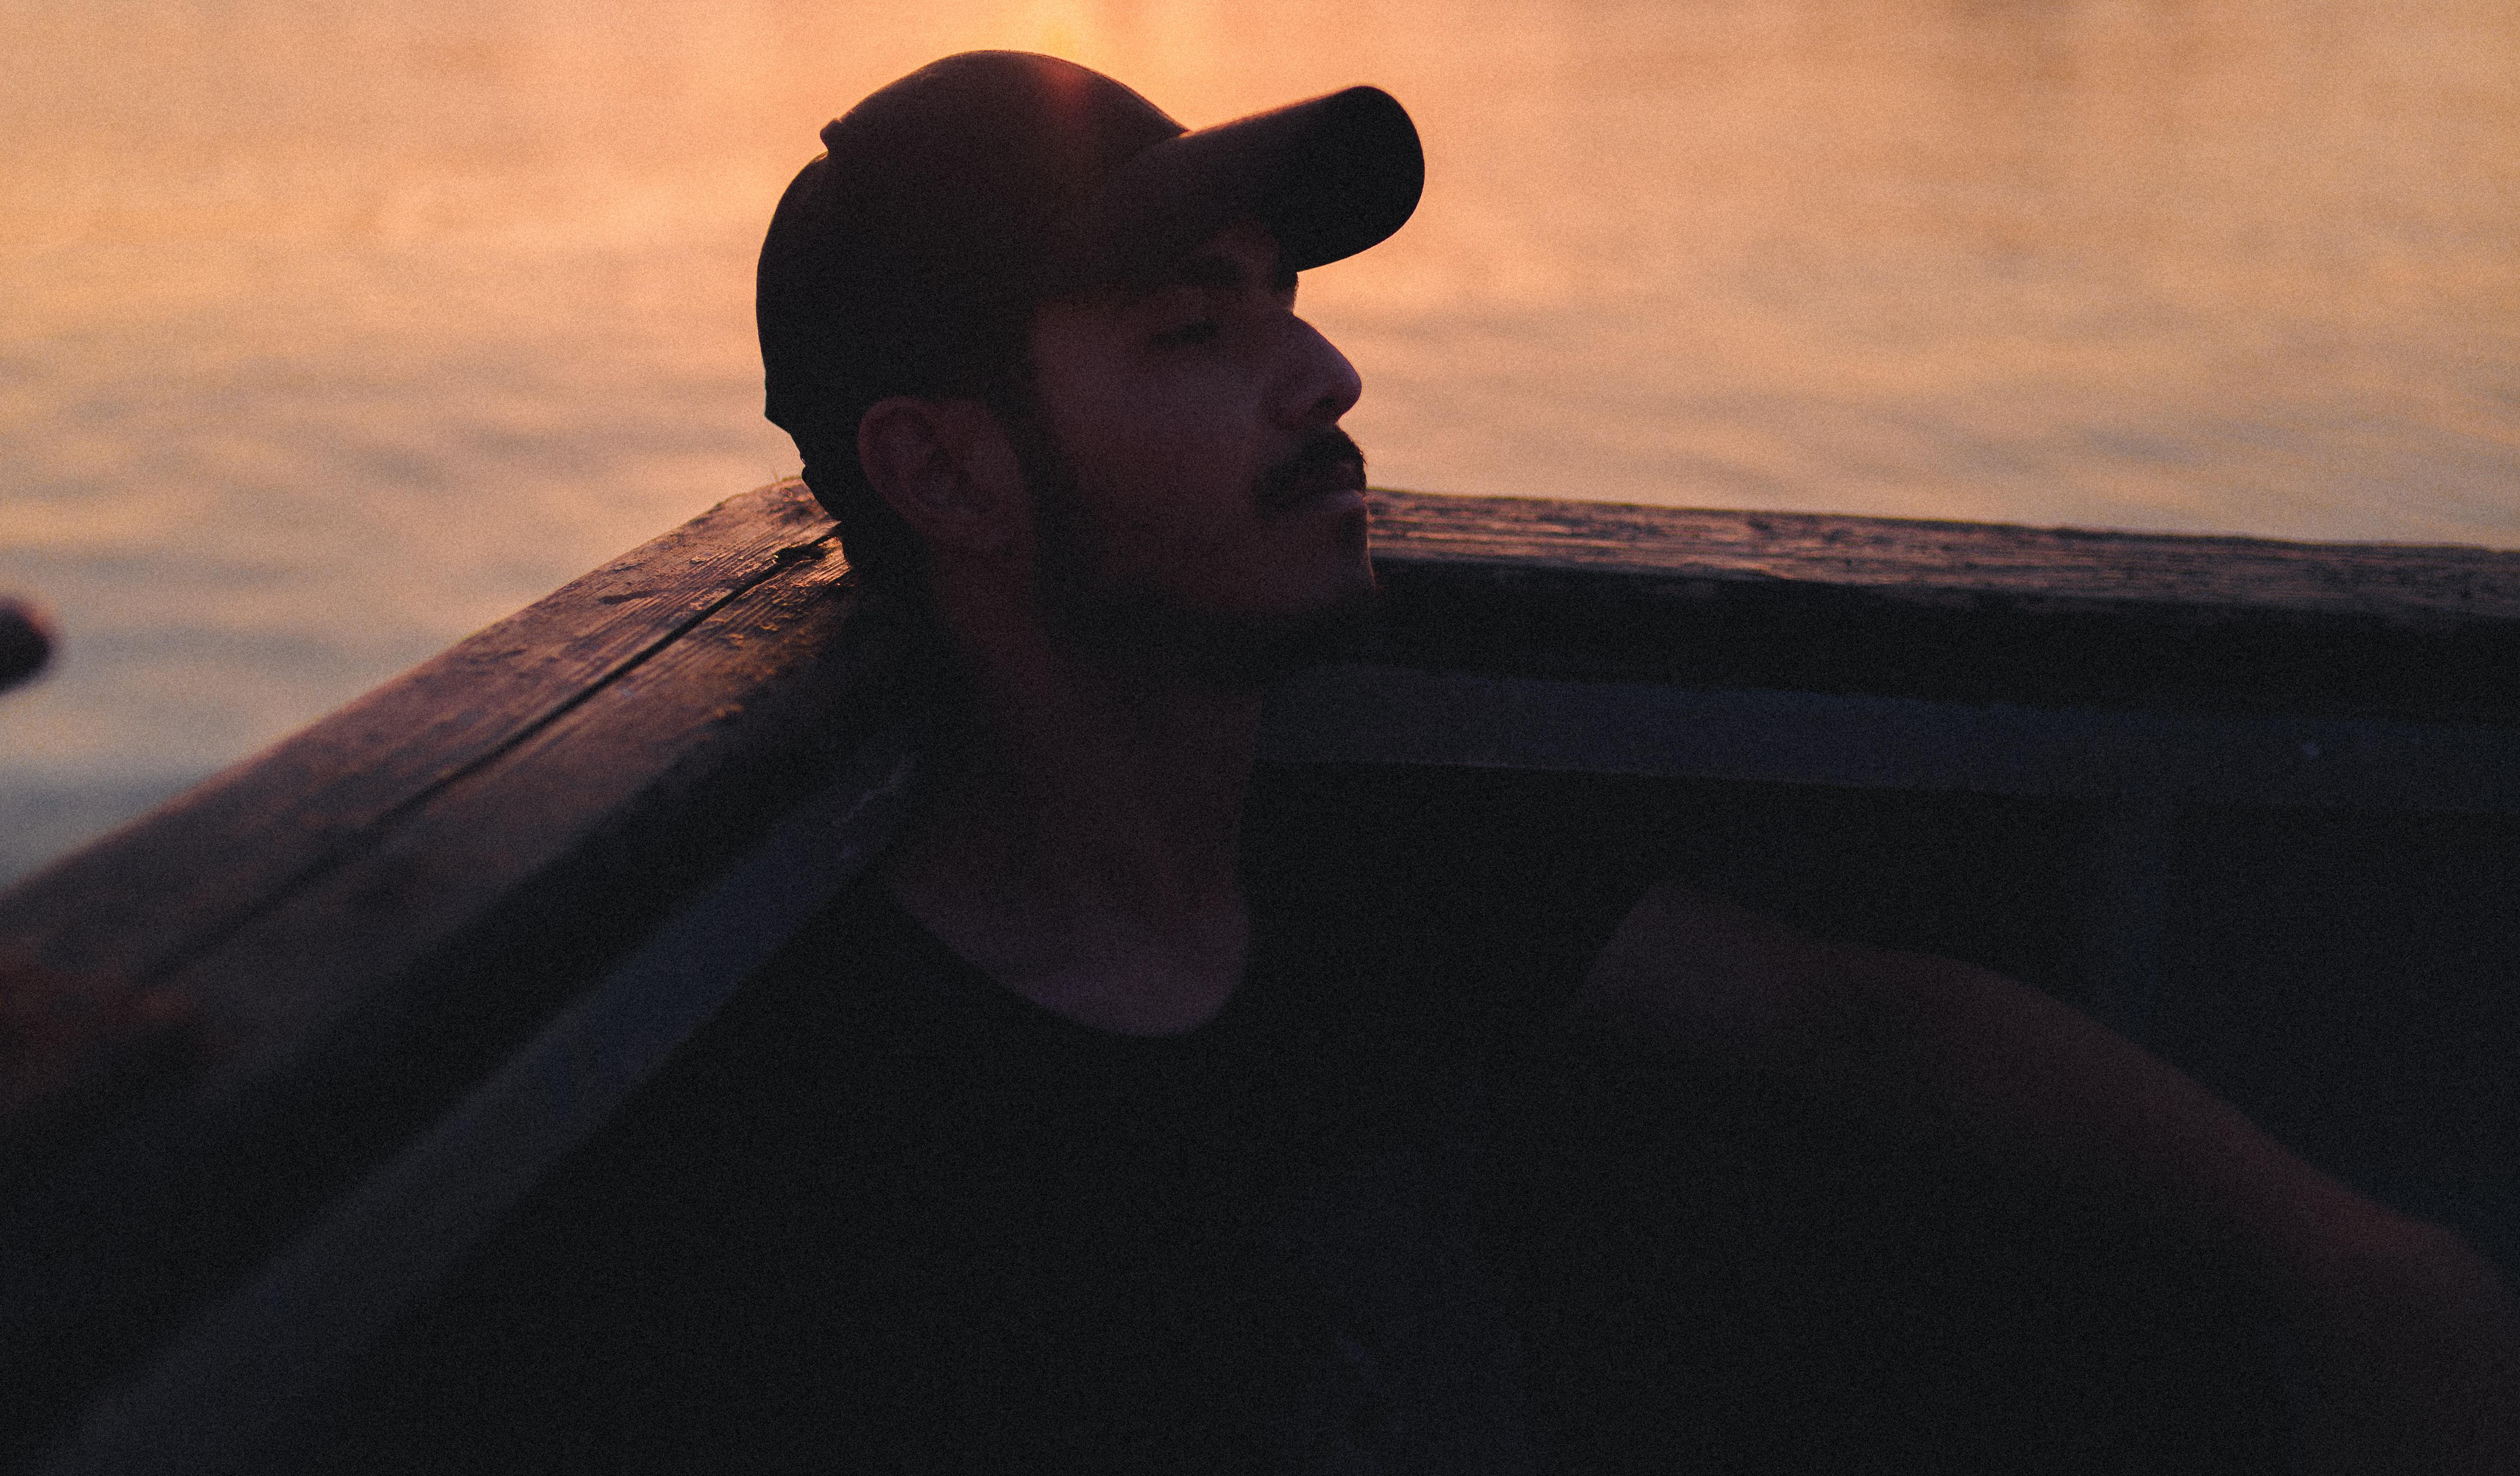 man wearing black cap and shirt